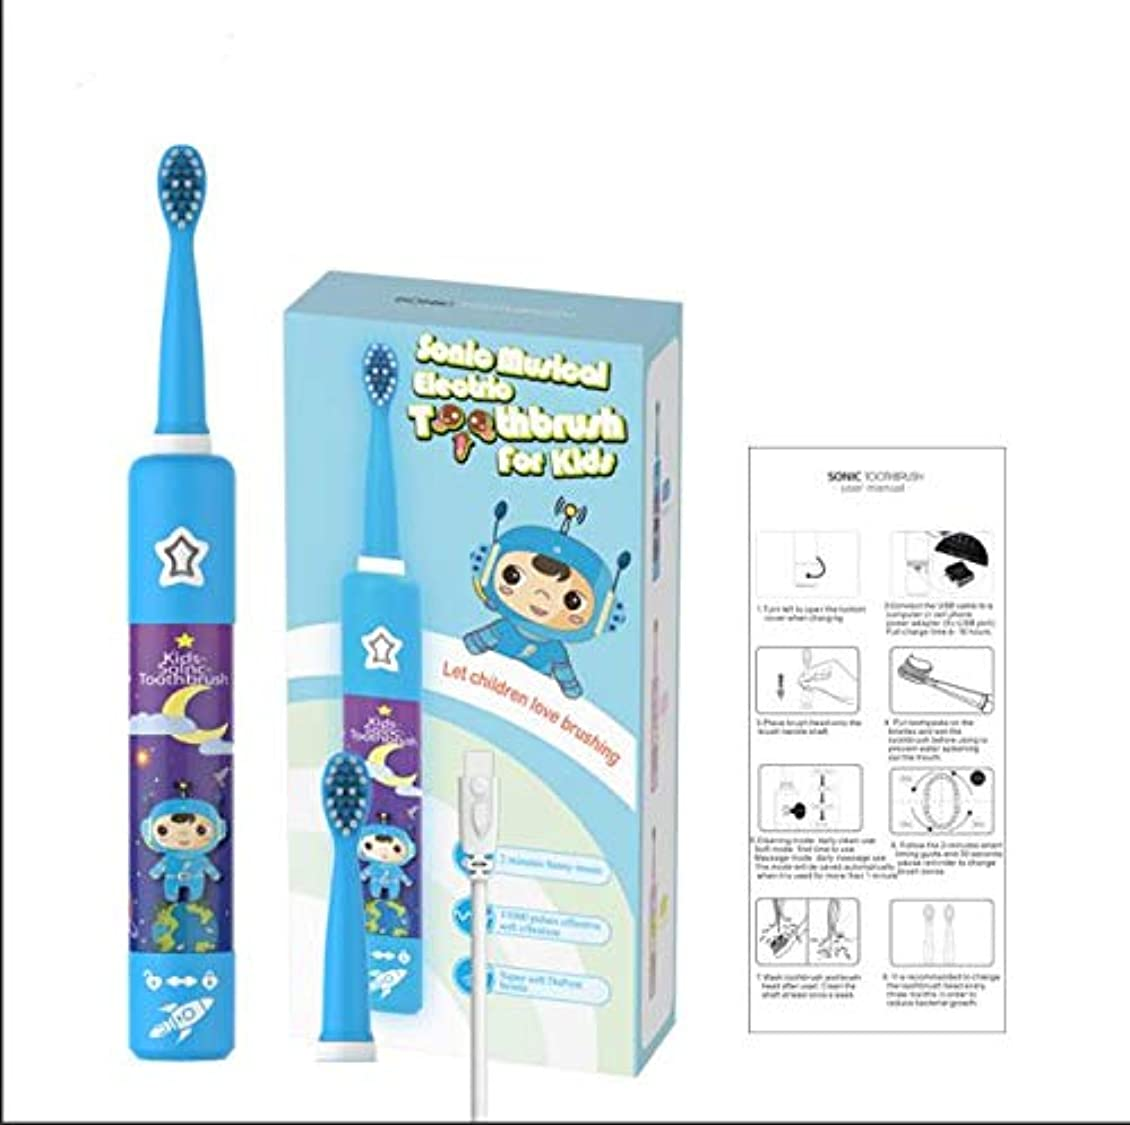 以上薬剤師避けられない新しいスタイルキッズ漫画パターン電動ソニック歯ブラシ家族ソニックブラシ子供ipx7防水スマートタイマー歯ブラシヘッド (blue)